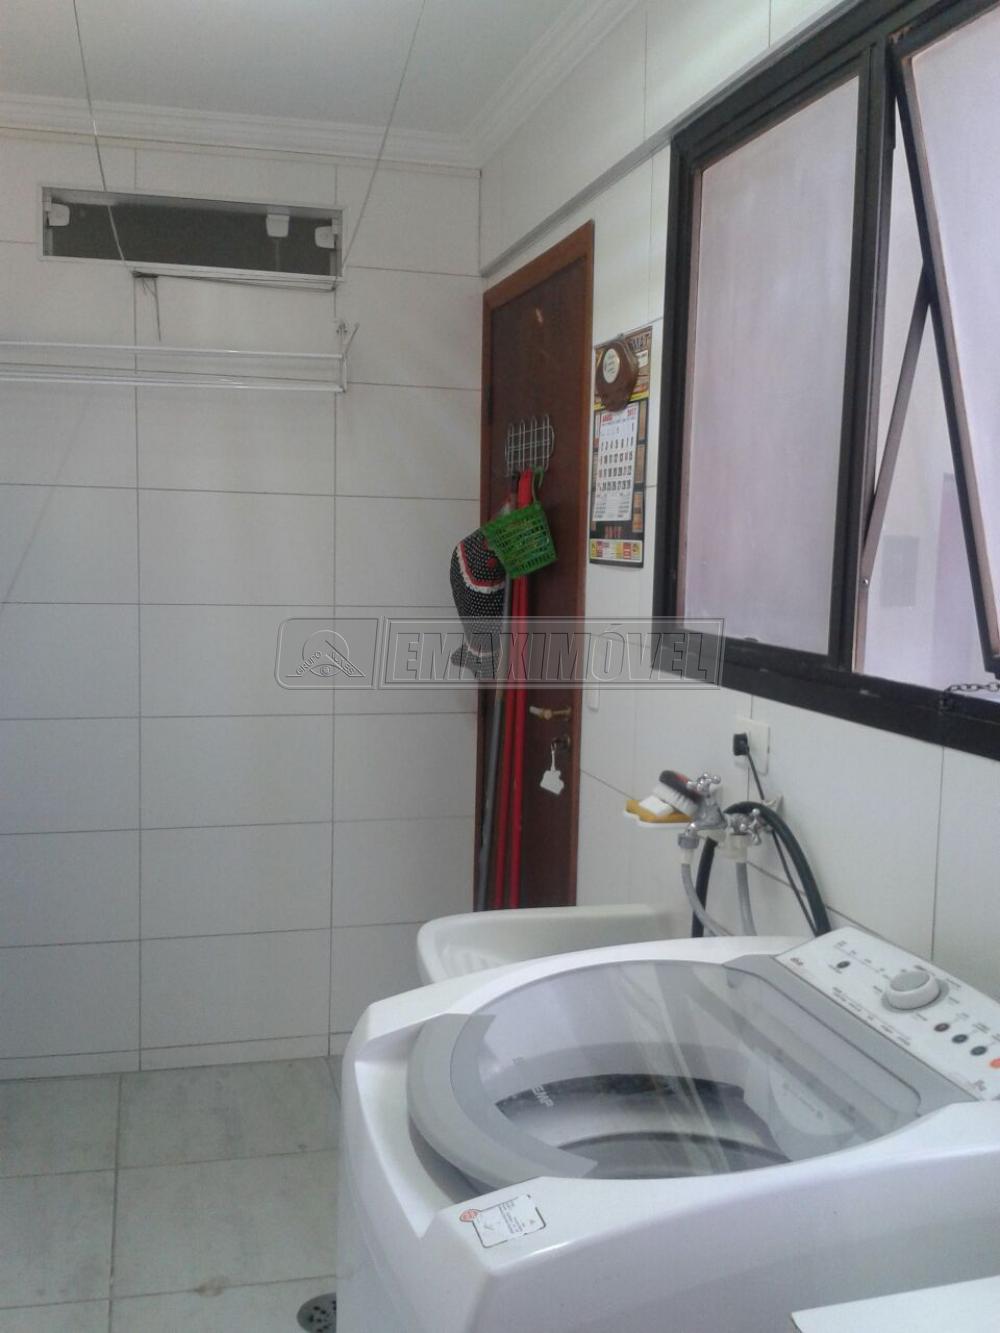 Comprar Apartamentos / Apto Padrão em Sorocaba apenas R$ 650.000,00 - Foto 31